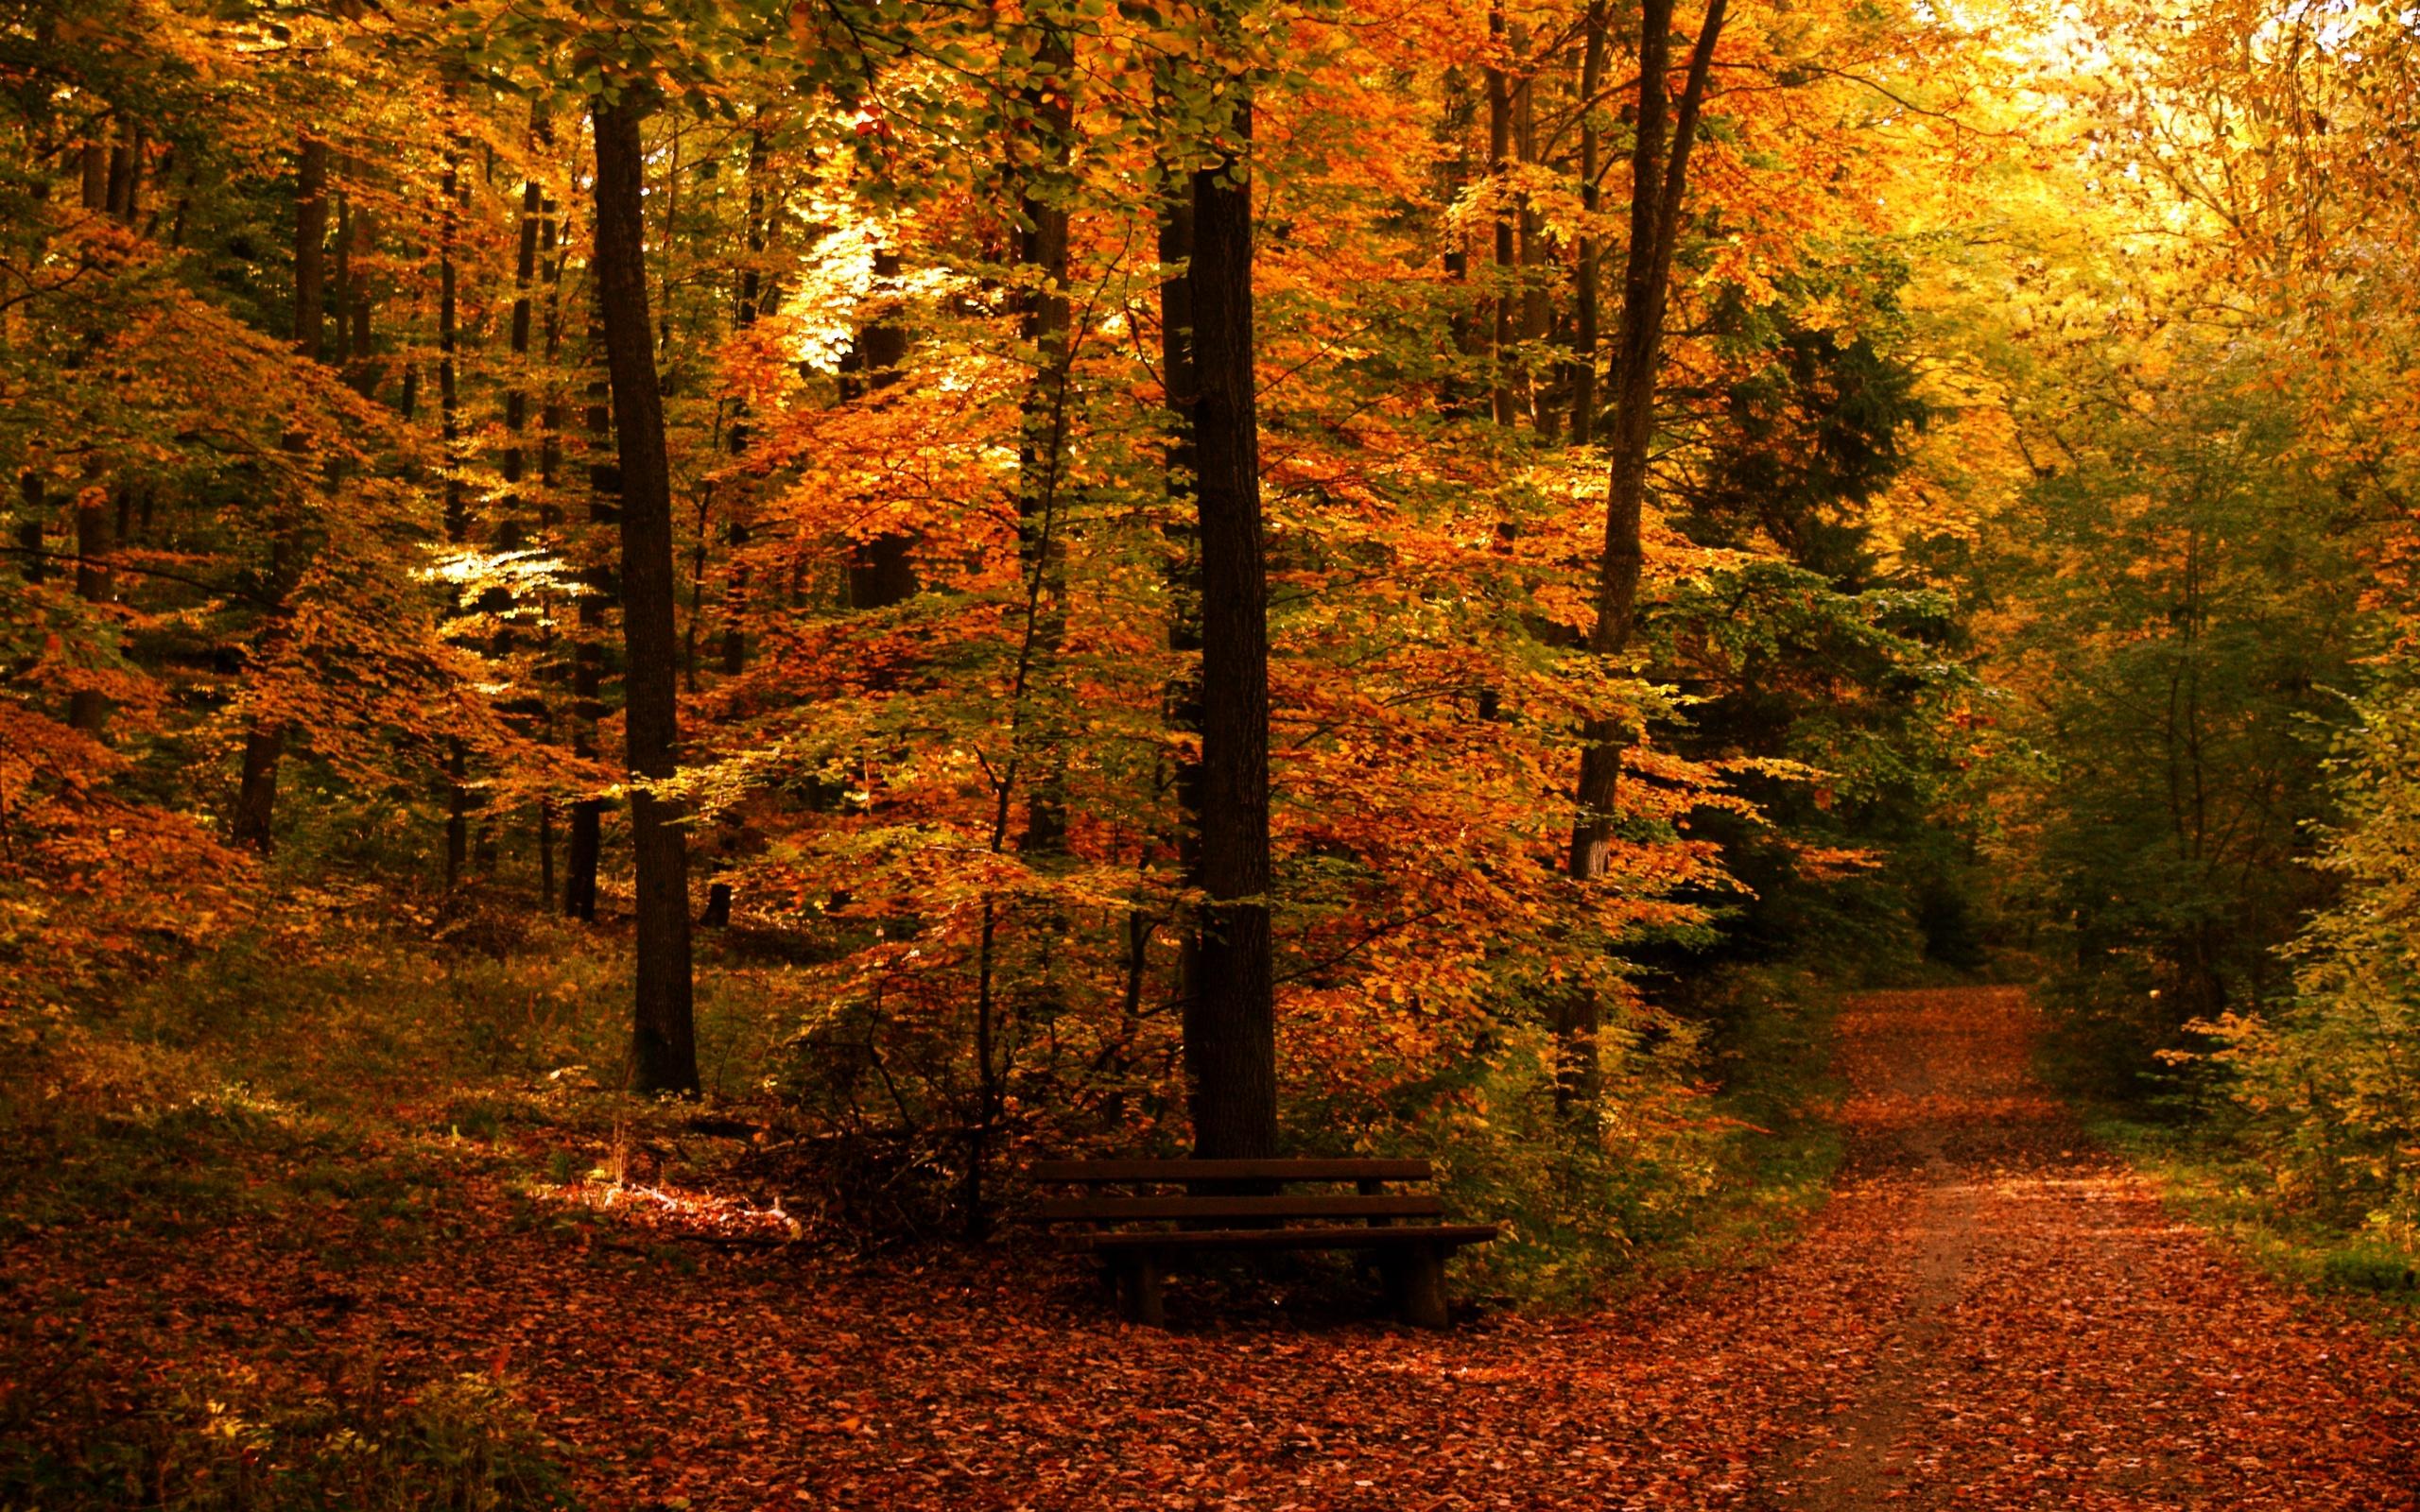 fall wallpaper trees beautiful